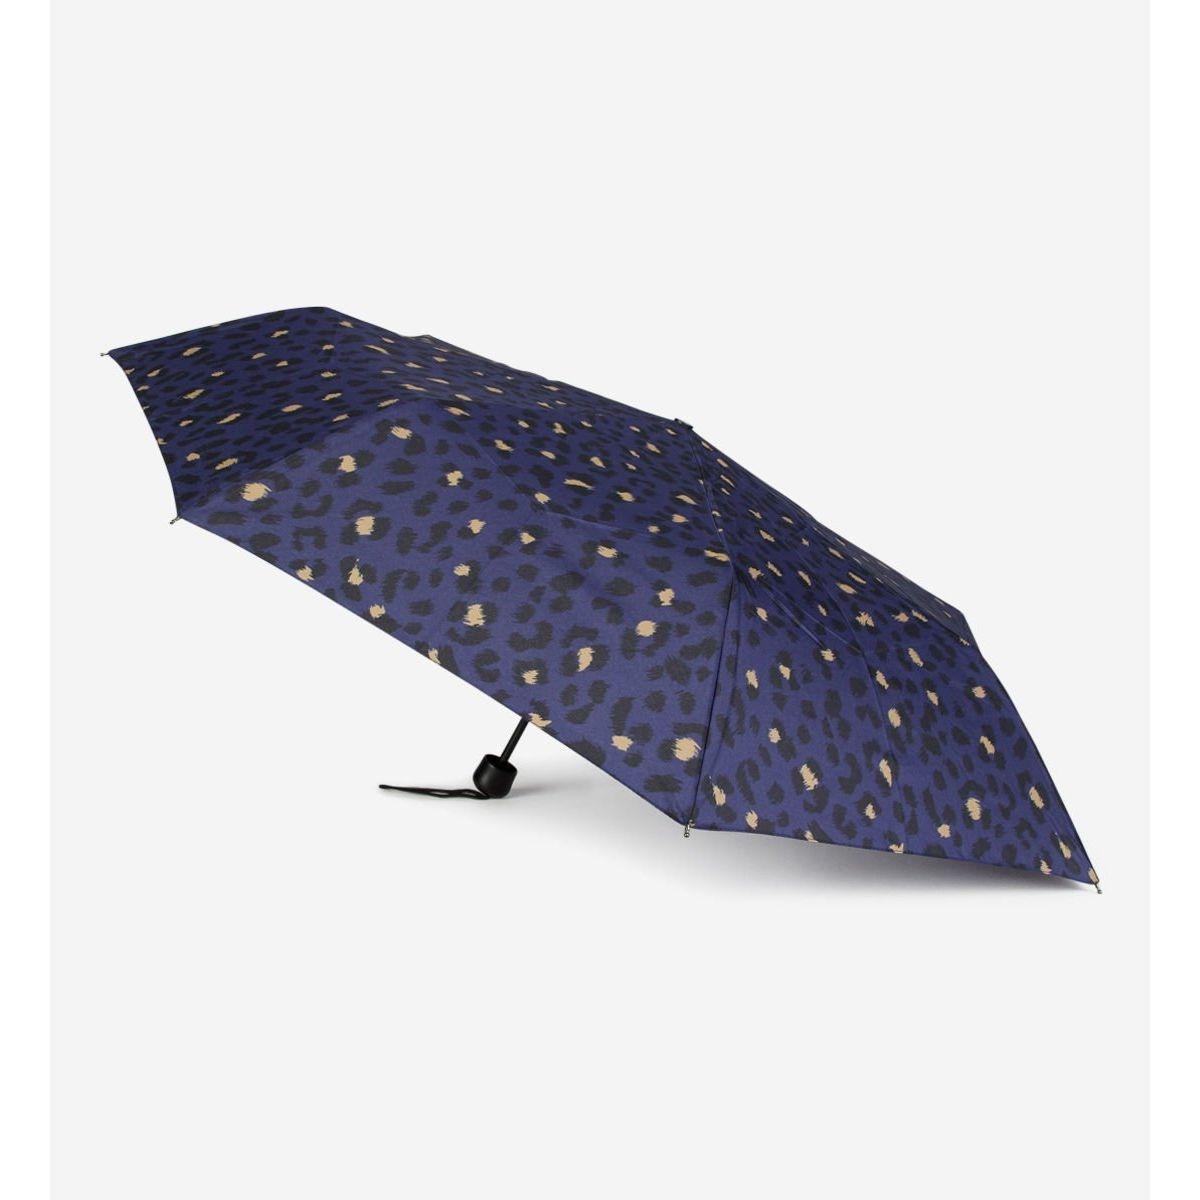 Parapluie Manuel Kash Tacheté